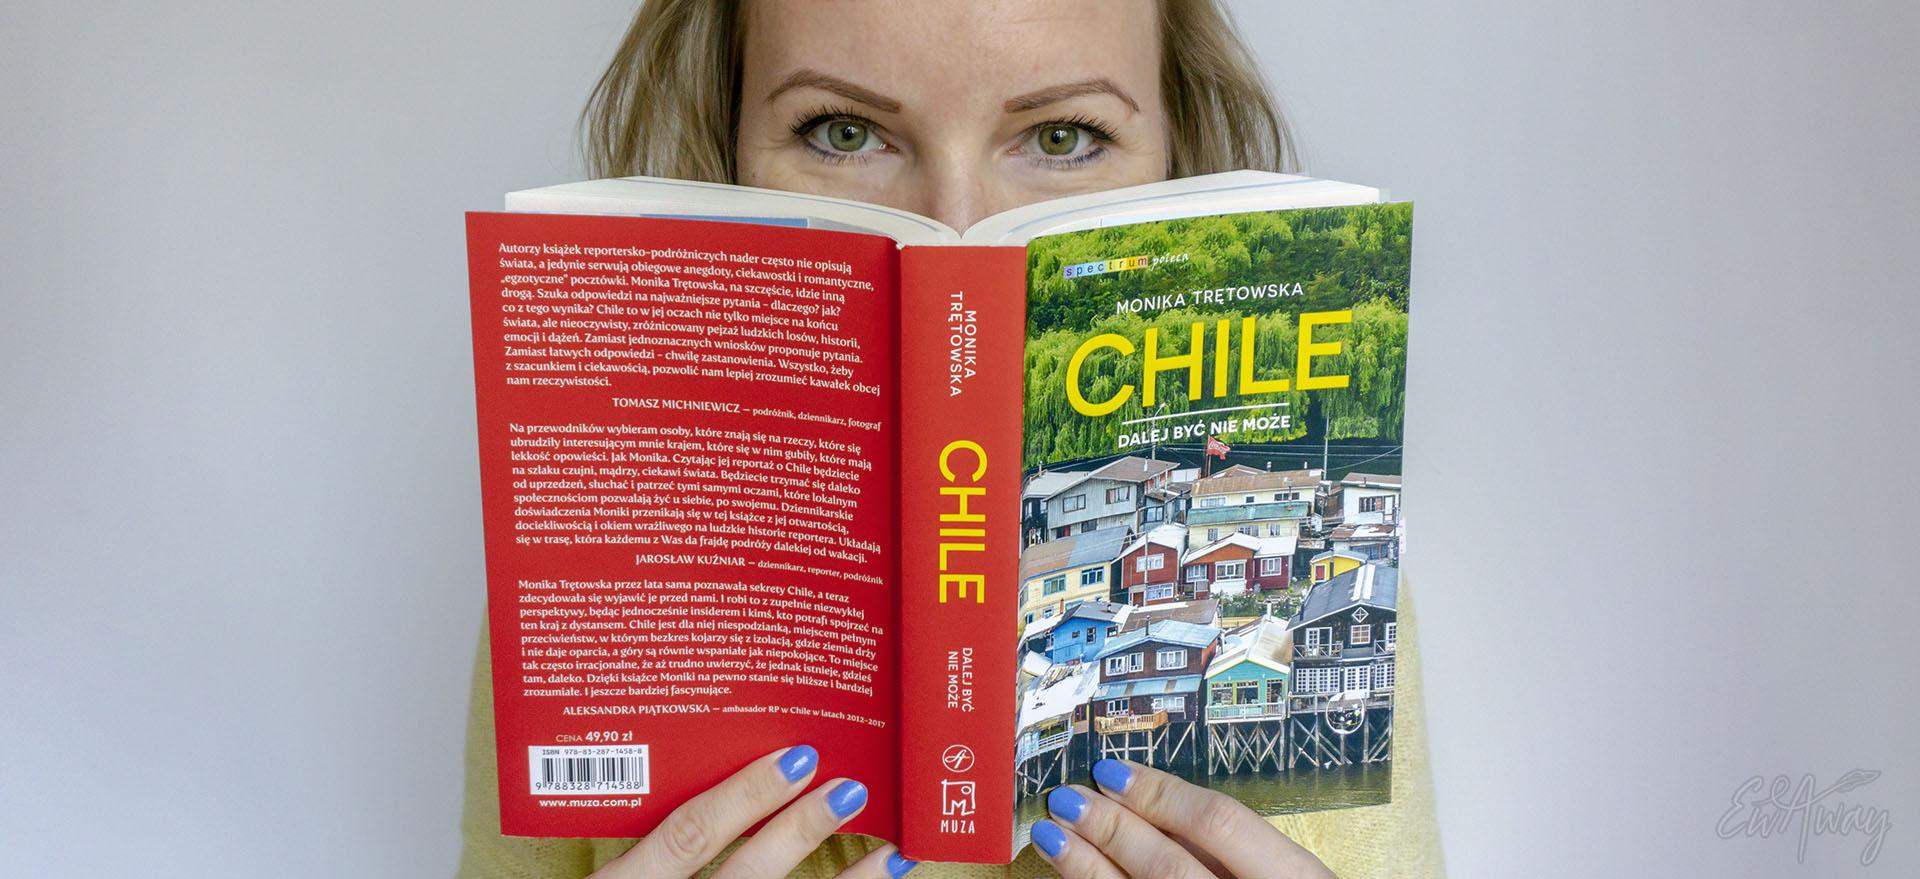 Książka o Chile. Dalej być nie może